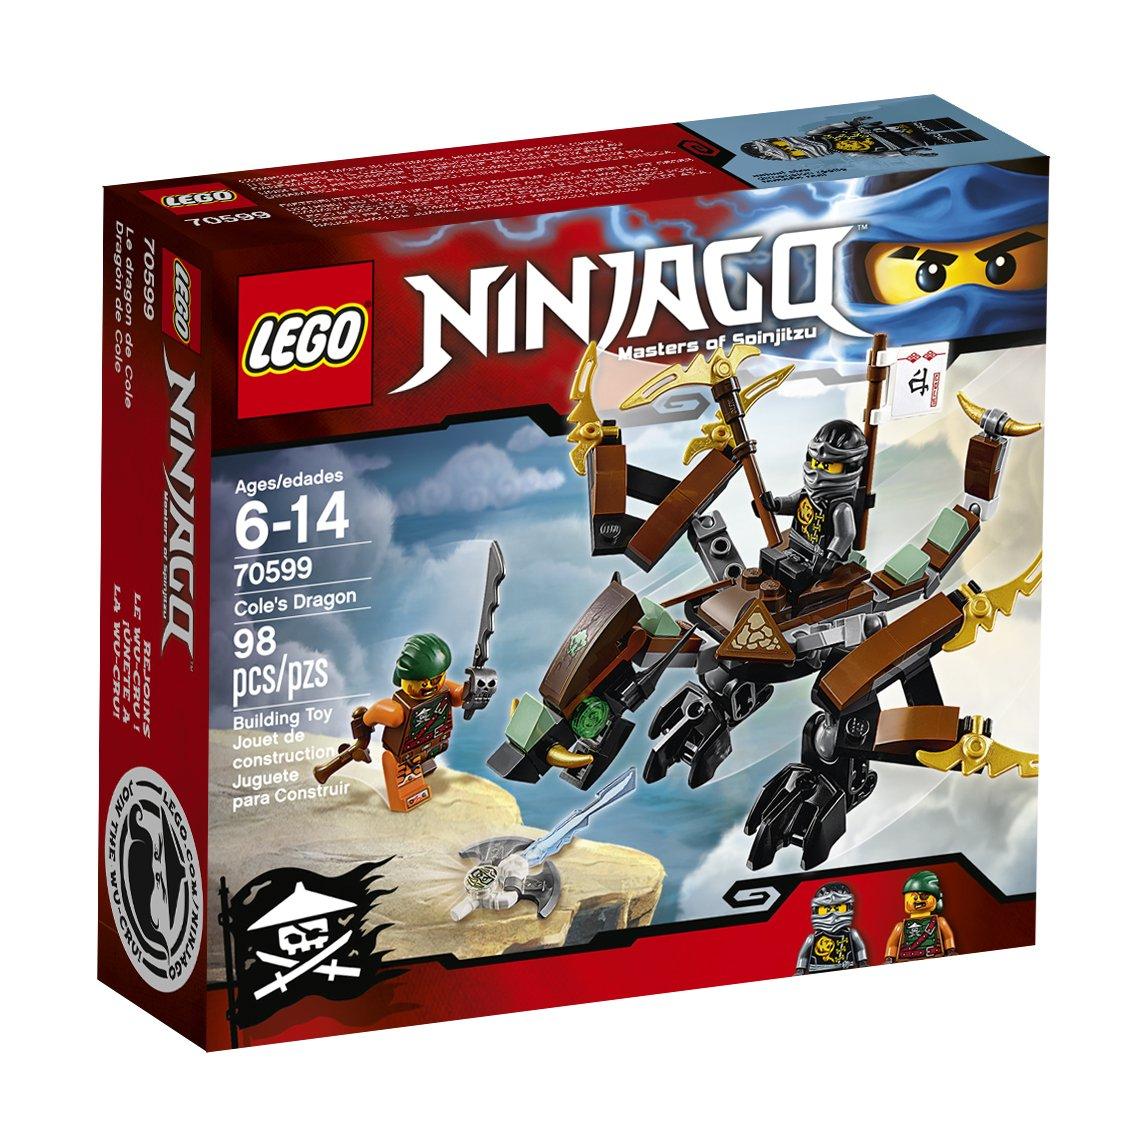 LEGO Ninjago Cole's Dragon 70599 by LEGO B01AW1R0Q8 Bau- & Konstruktionsspielzeug Günstige Bestellung |  Neuer Markt